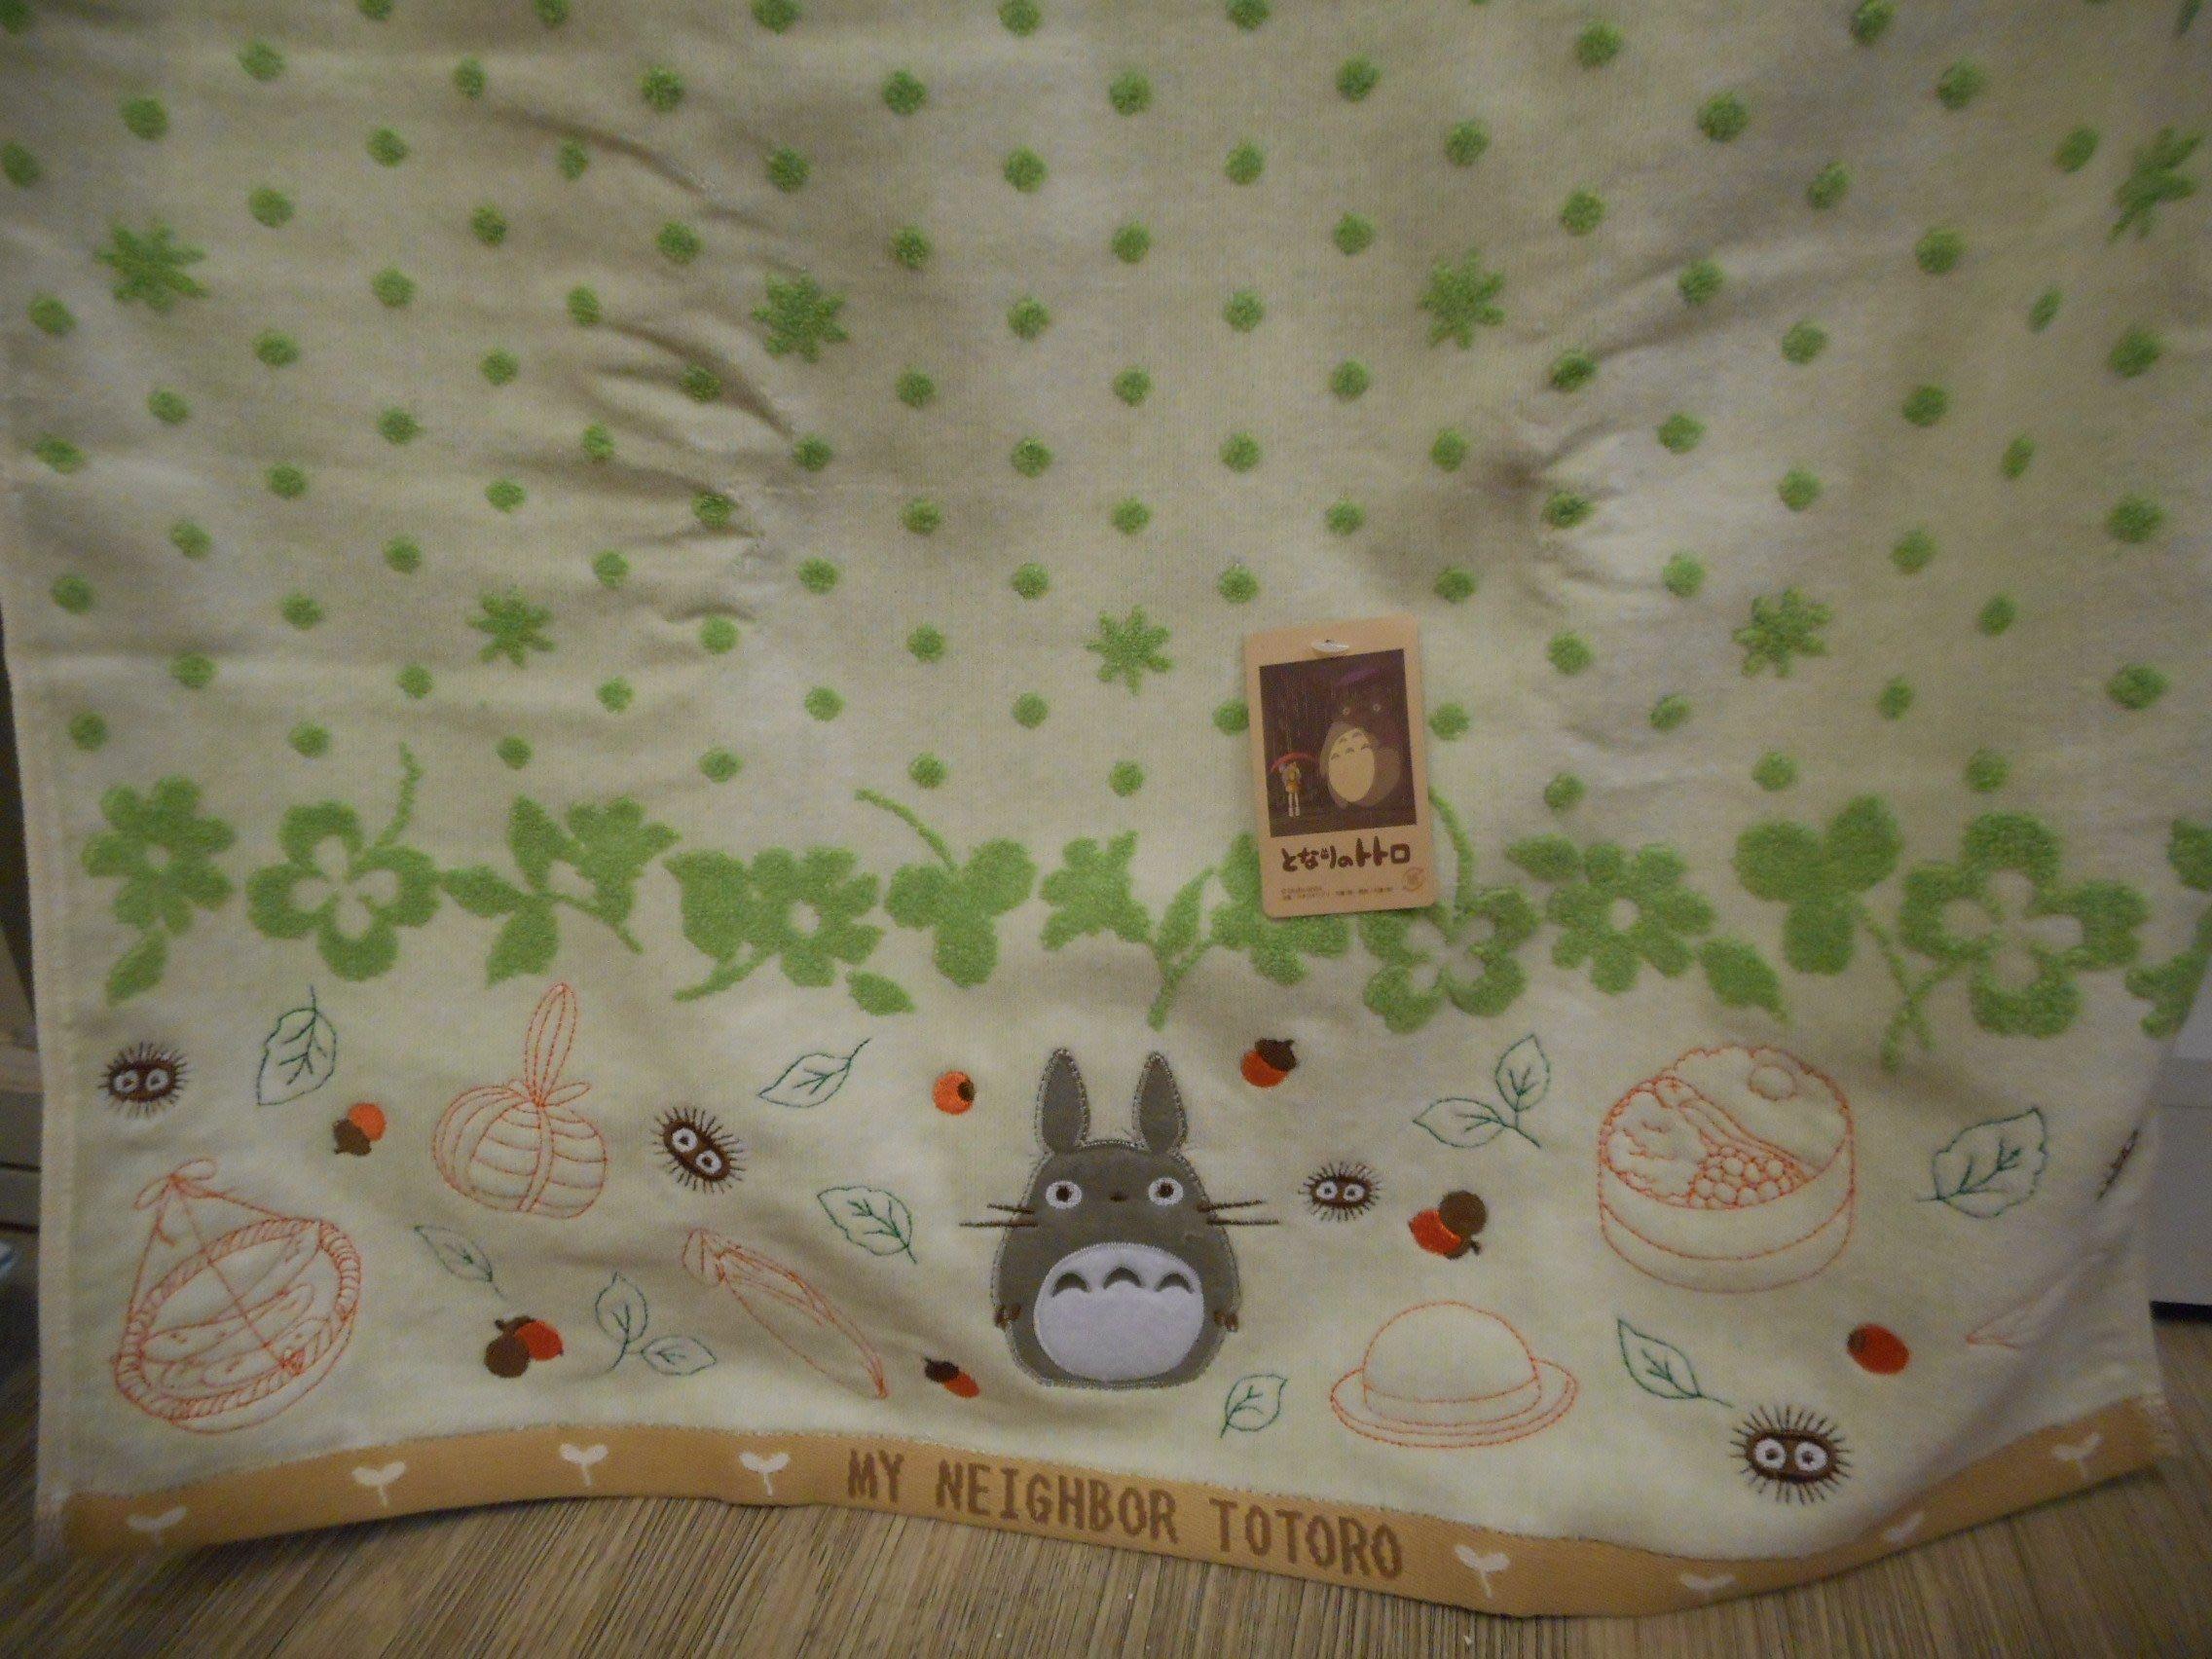 ~~凡爾賽生活精品~~全新日本進口宮崎駿龍貓TOTORO綠色圓點造型浴巾